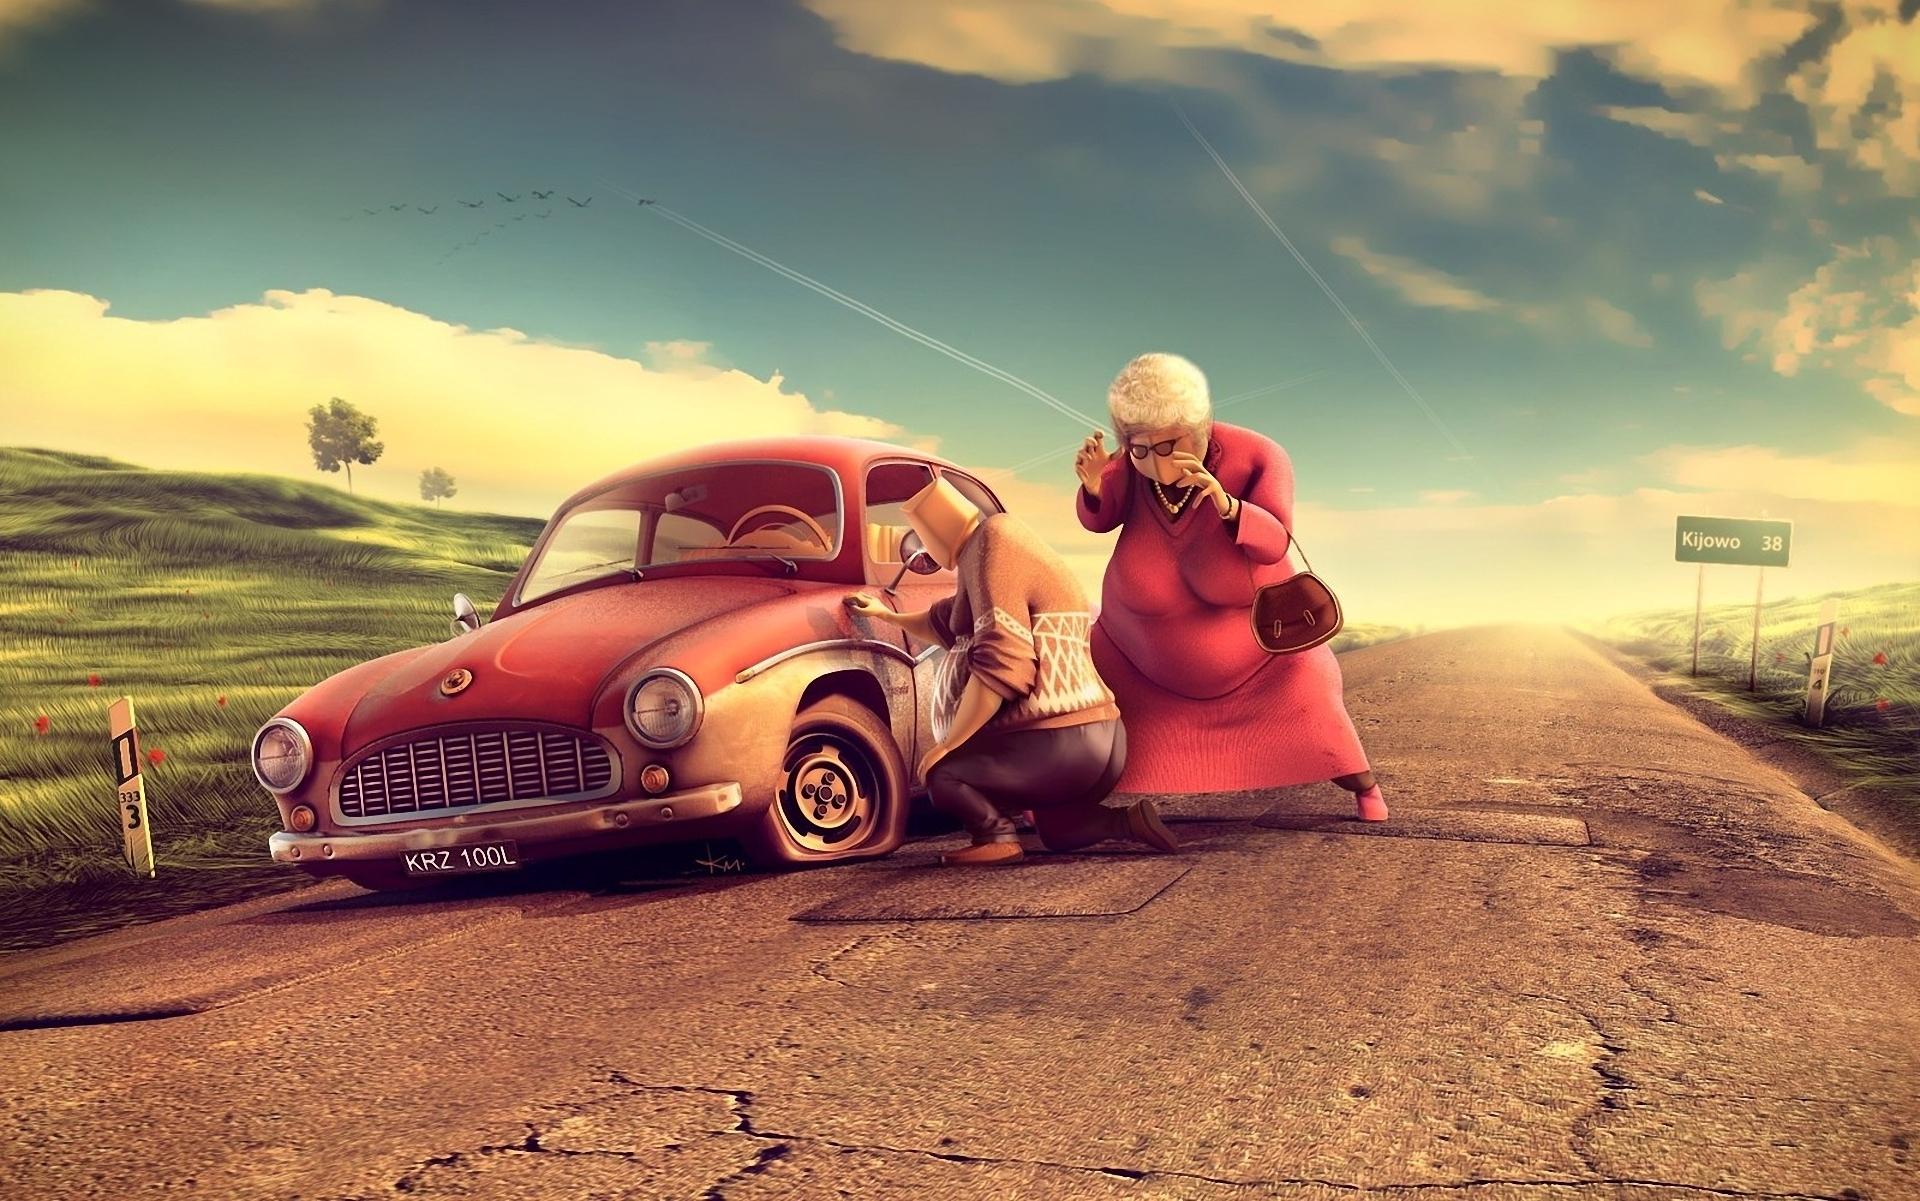 Download Funny 3d Cartoon Wallpapers Hd 1920x1201 63 Funny Car